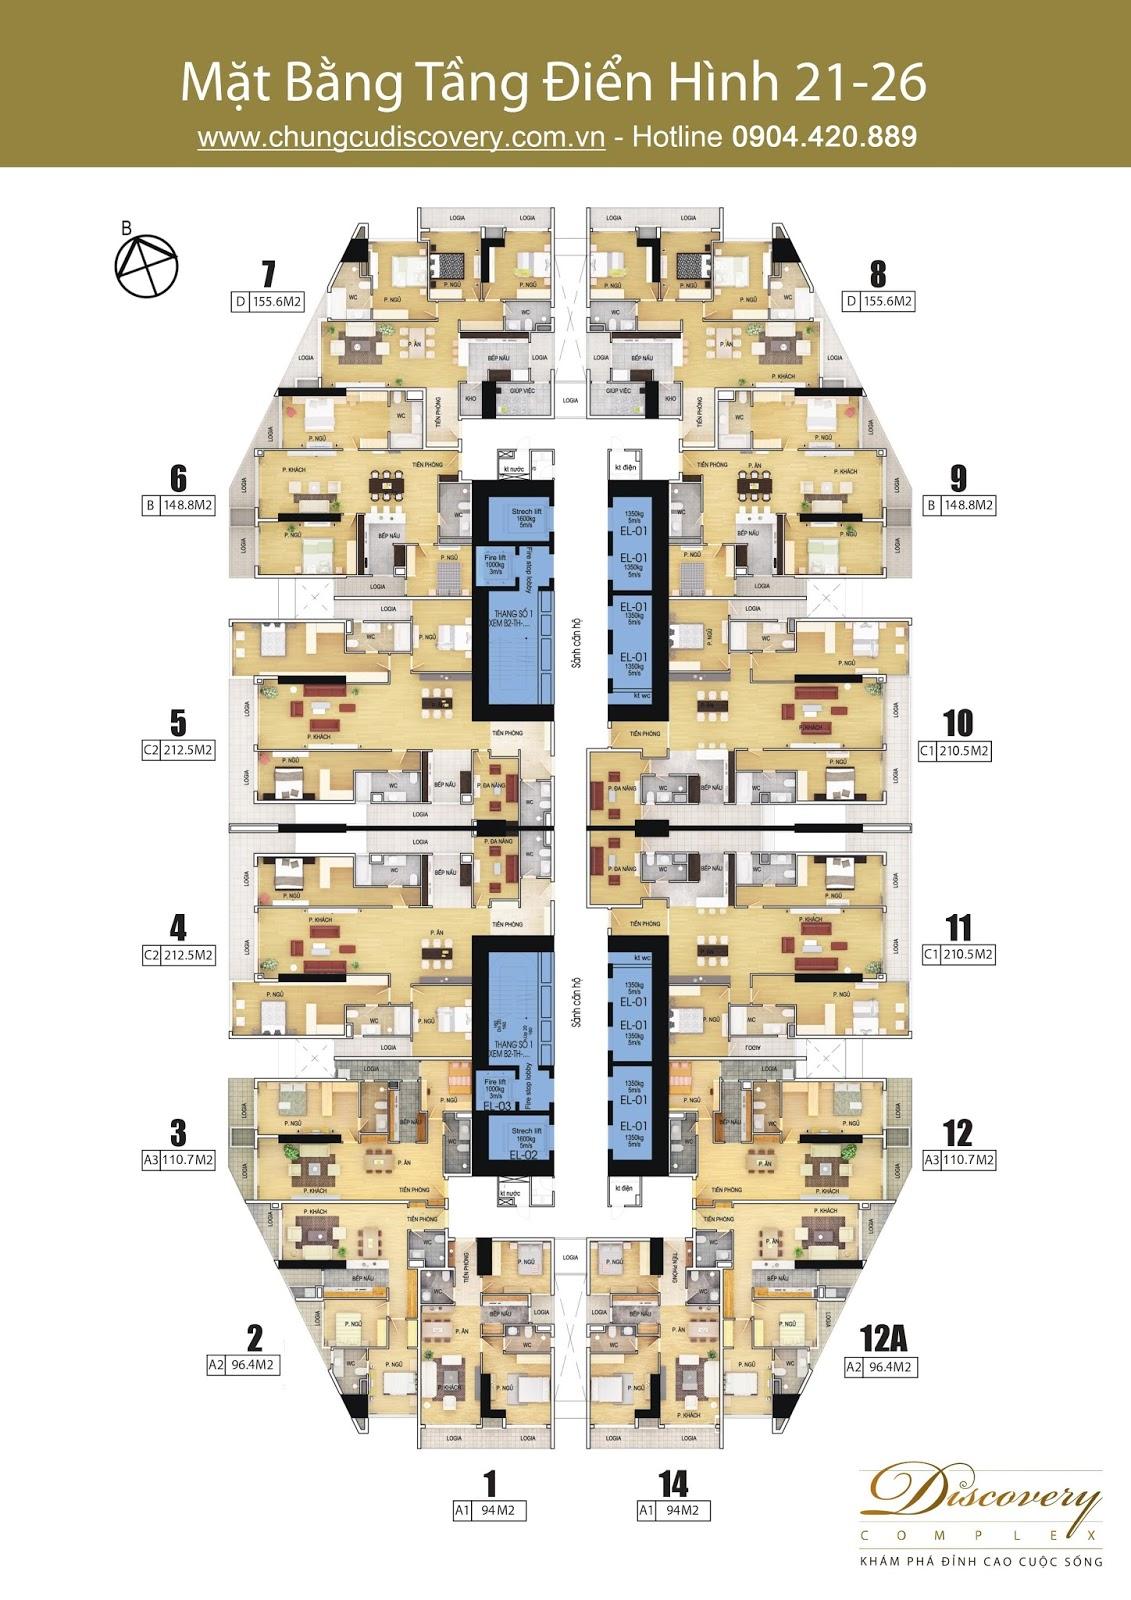 Mặt bằng chung cư Discovery Complex 302 Cầu Giấy tầng 21 đến 26